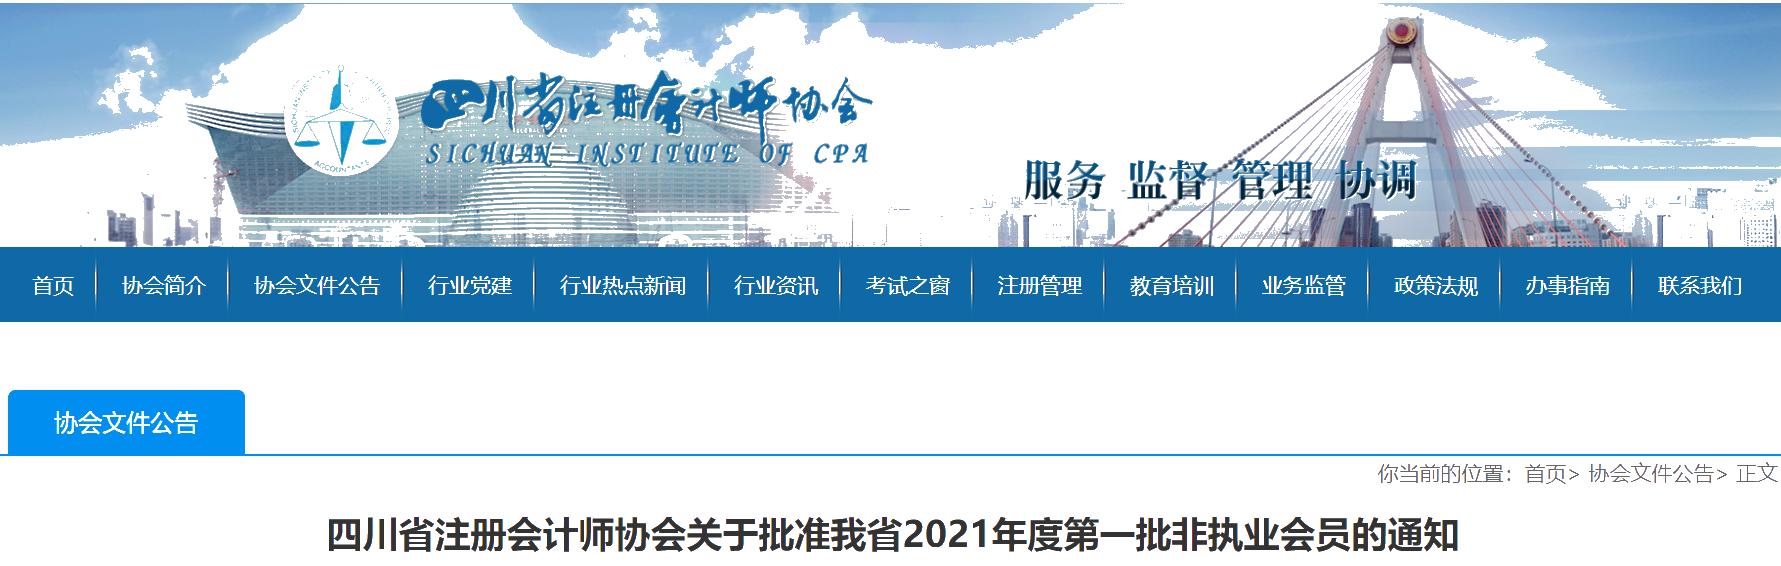 四川注协关于批准2021年度第一批非执业会员的通知